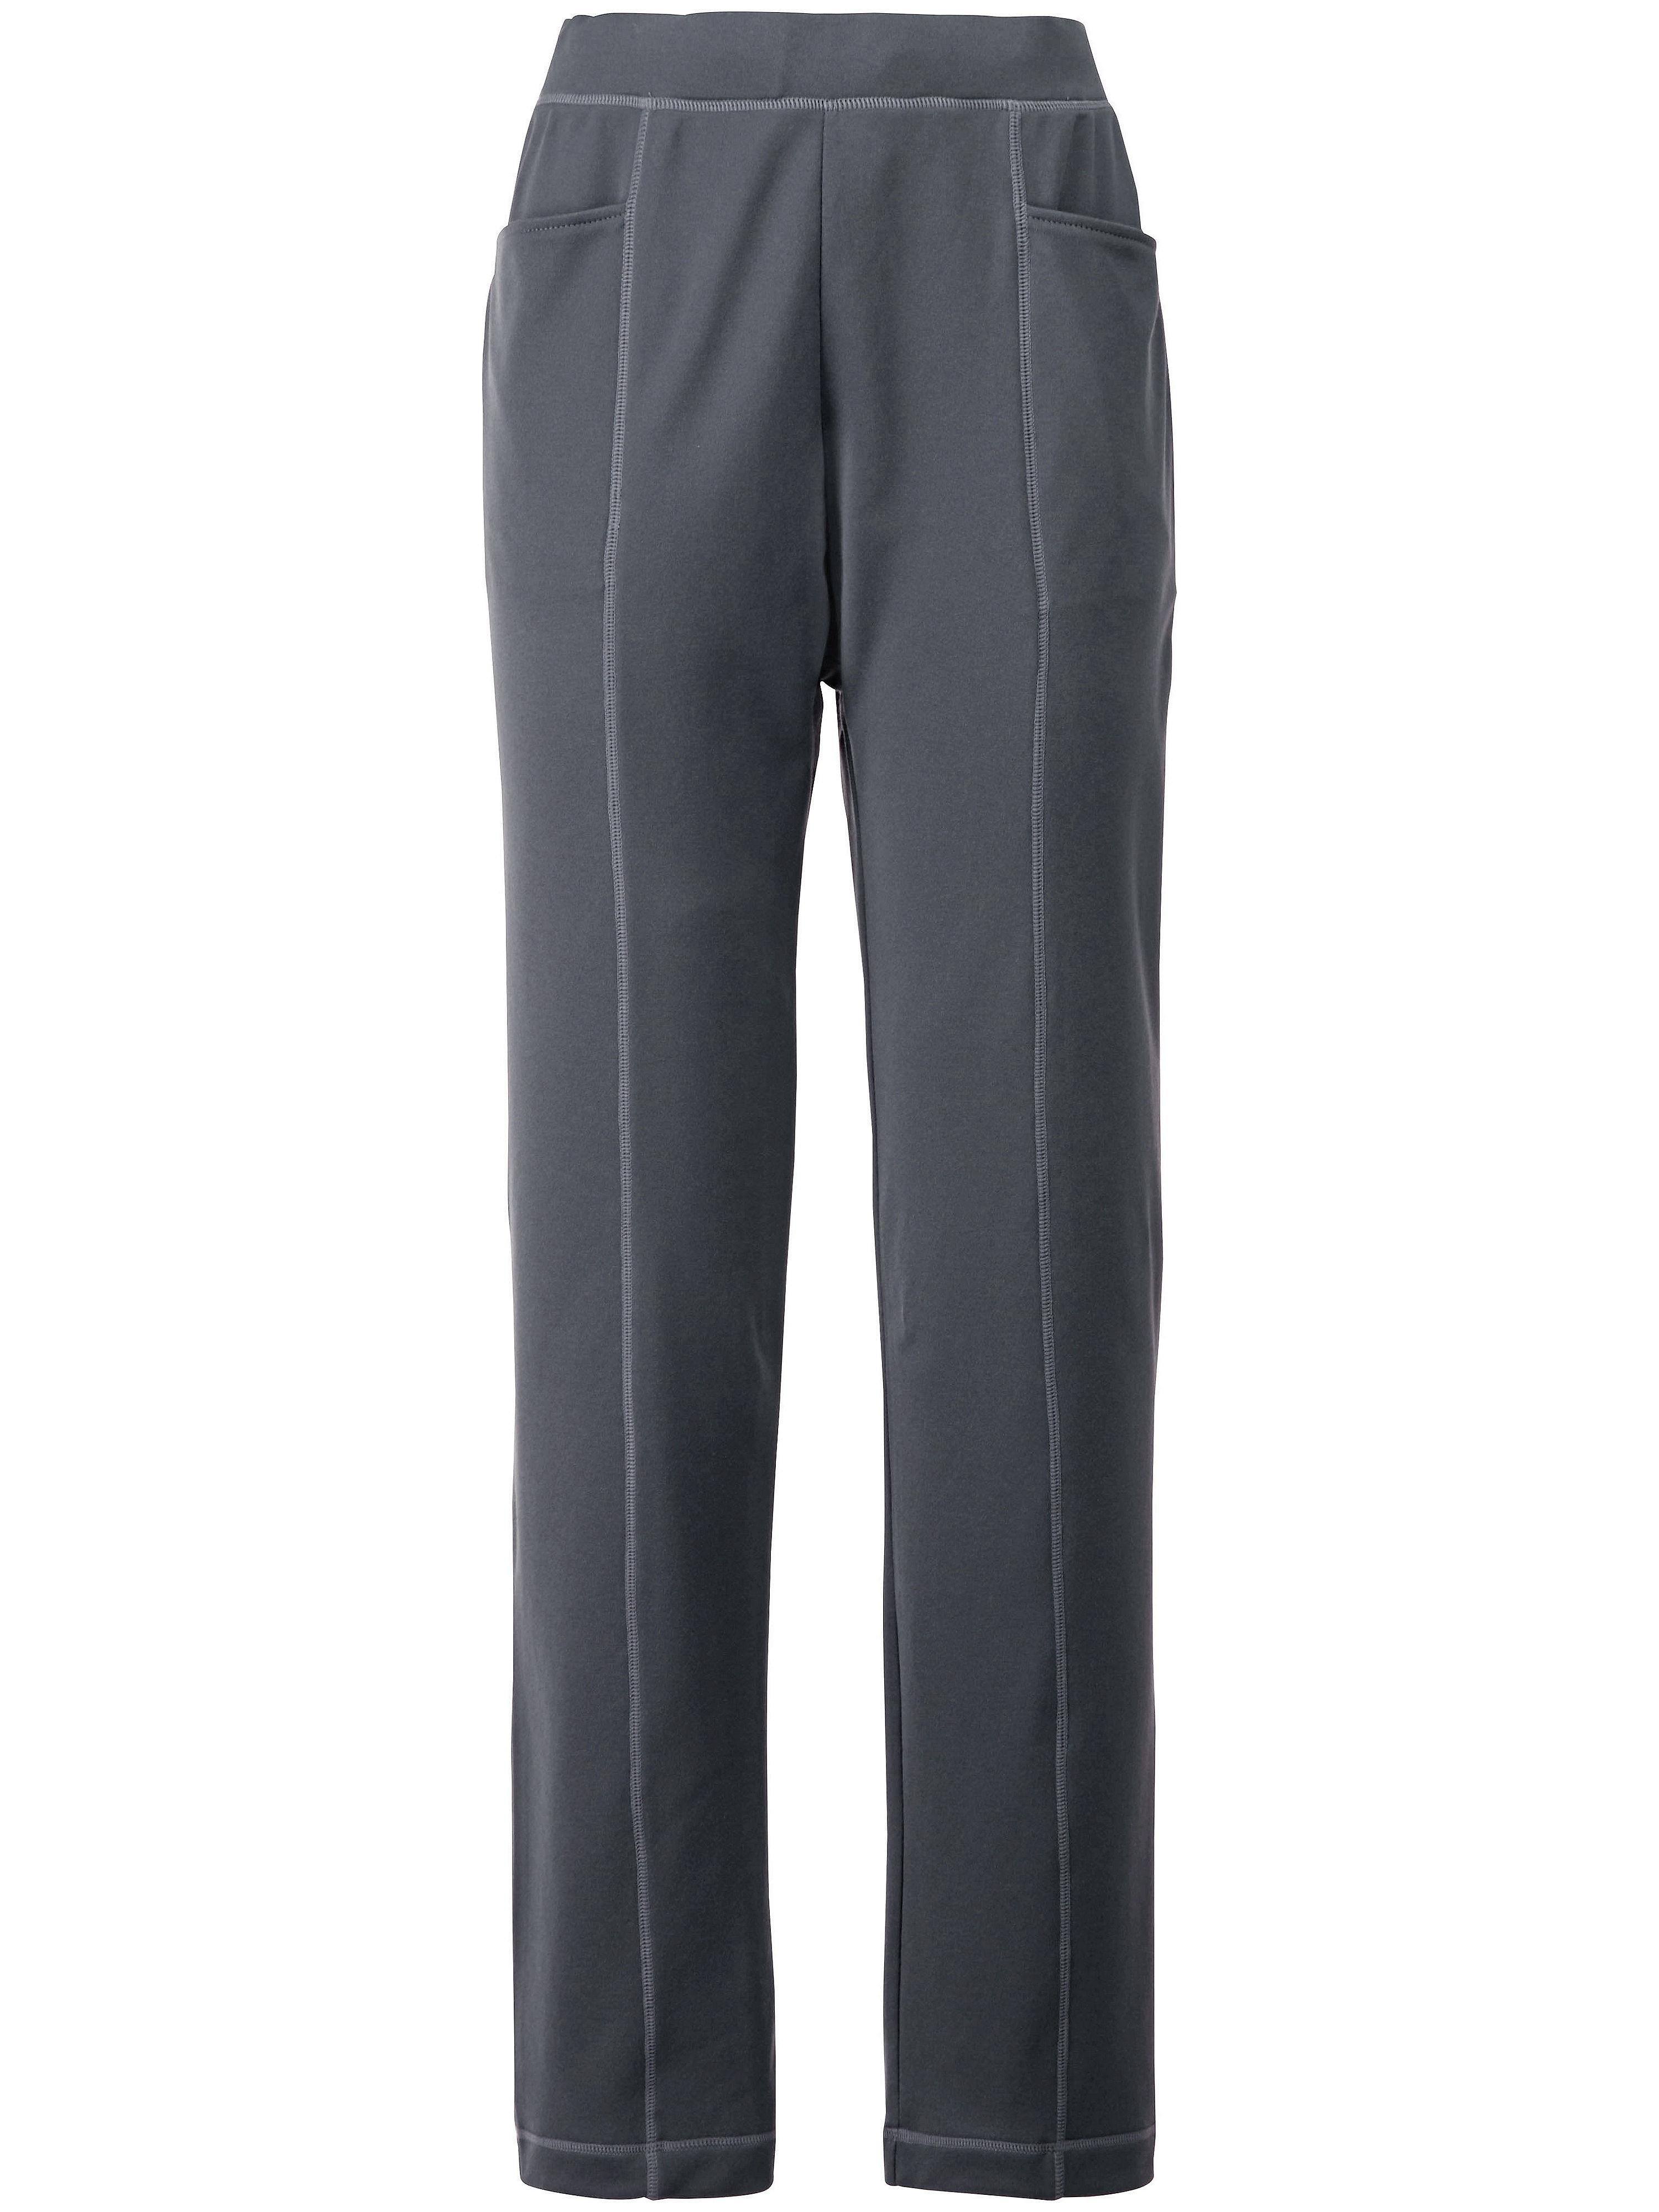 Le pantalon  Canyon gris